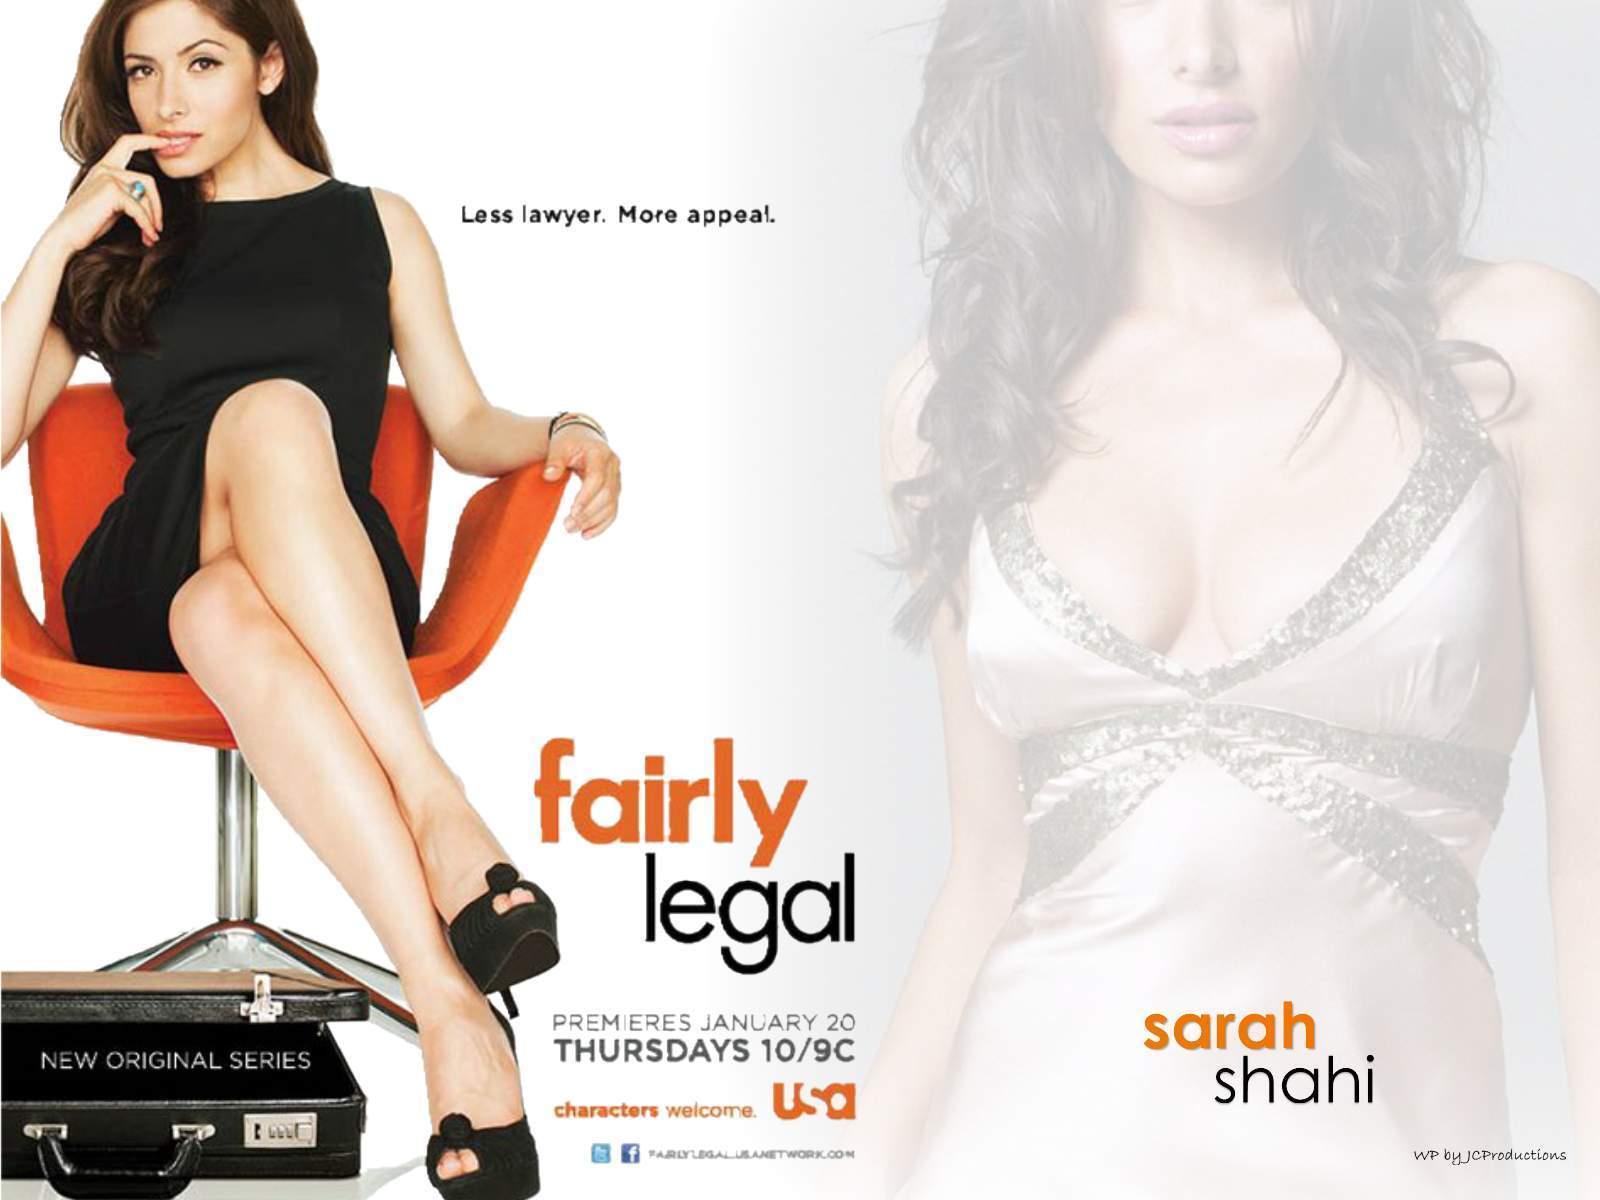 Sarah Shahi Fairly Legal